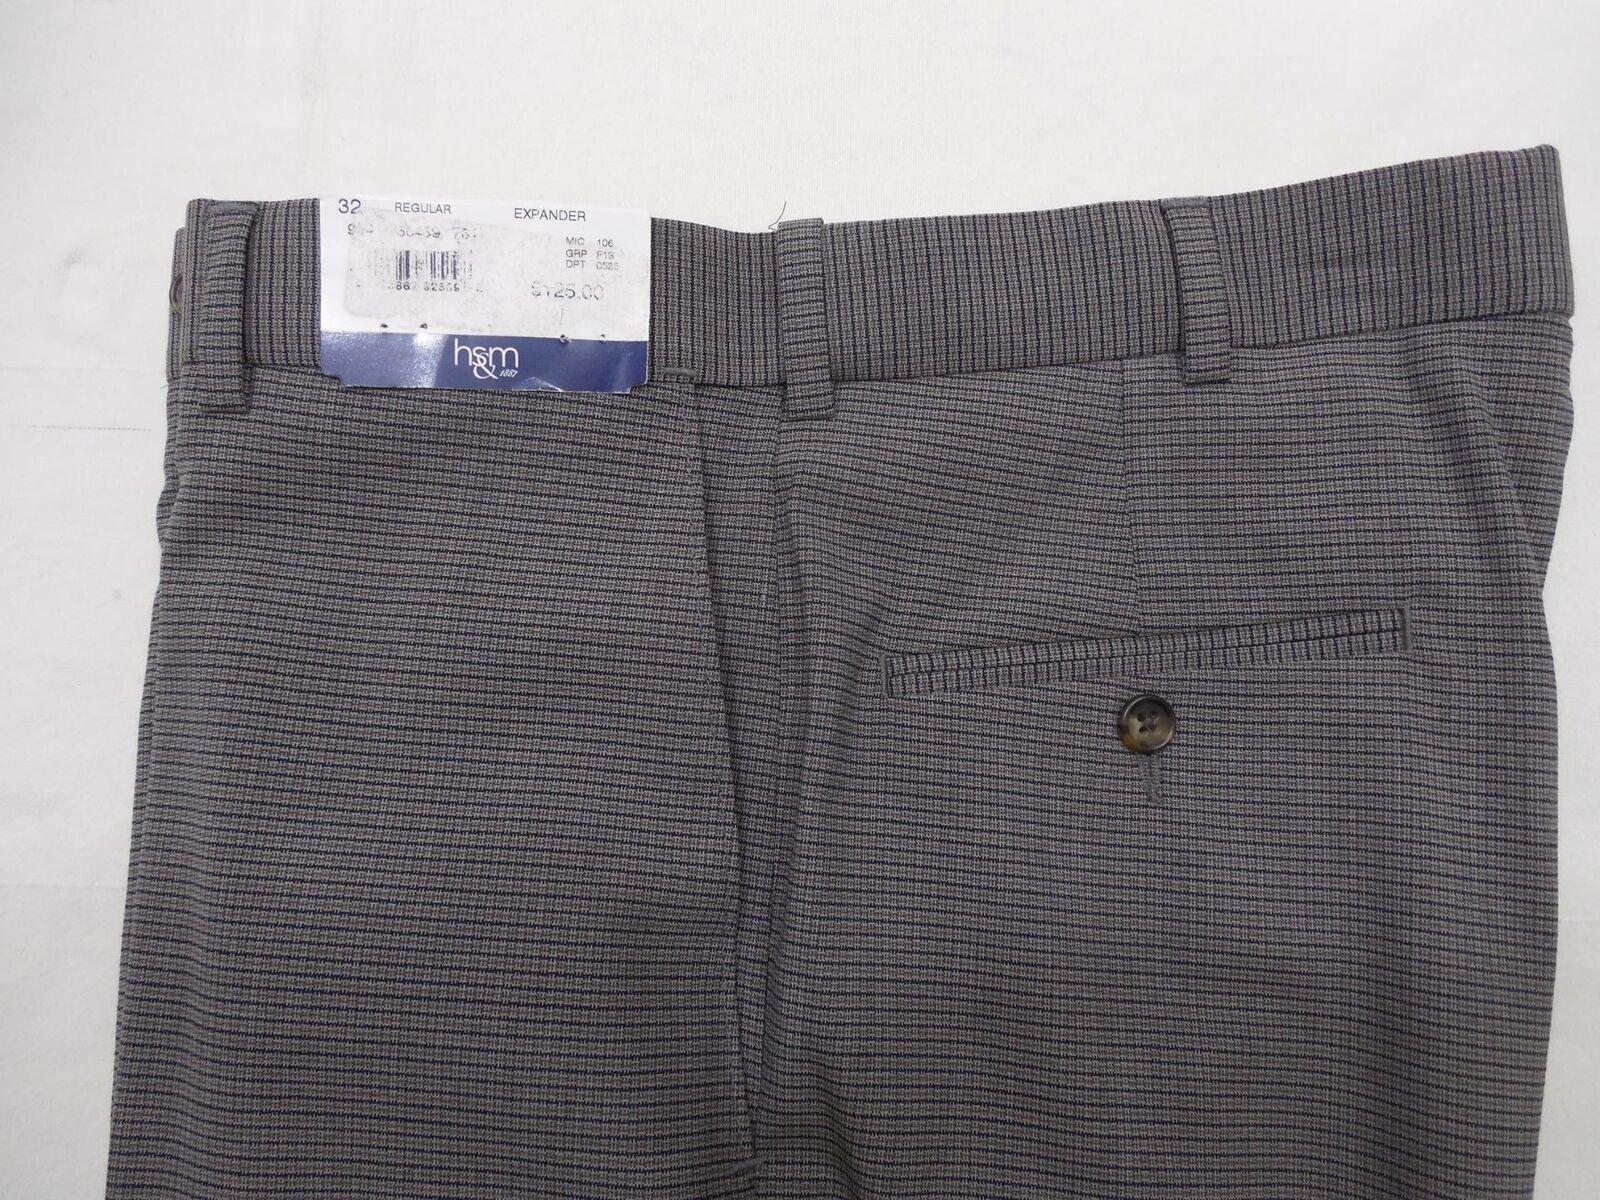 HSM Hart Schaffner Marx Men's Wool Pants Flat 32 Grey Plaid Expander Waist